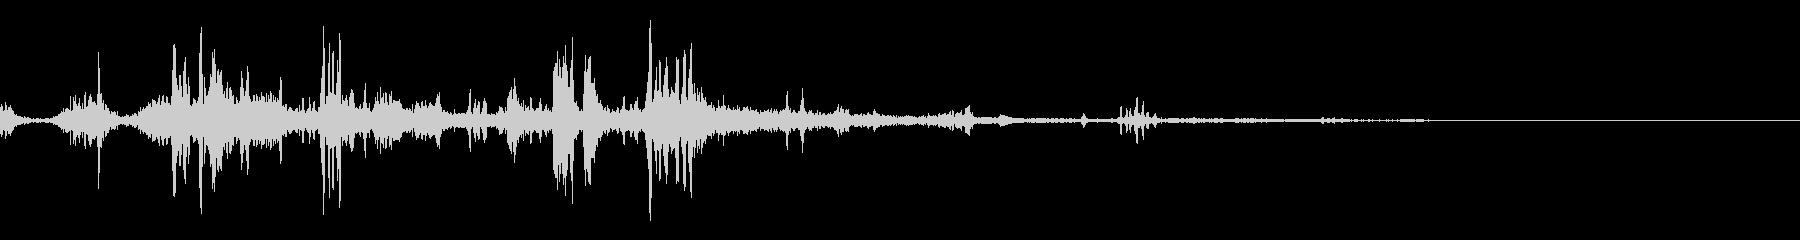 水中音01の未再生の波形